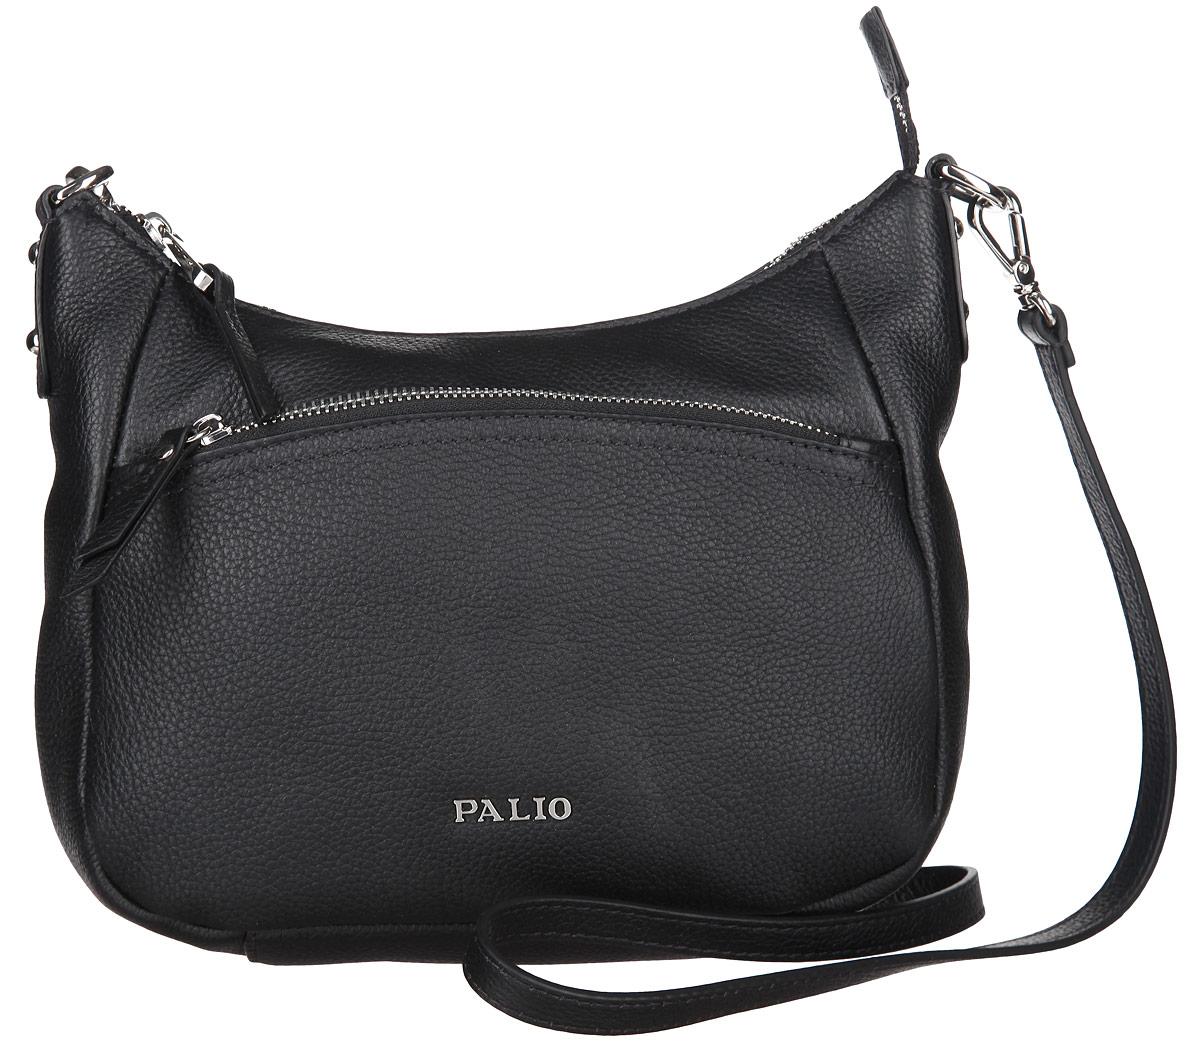 Сумка женская Palio, цвет: черный. 13738A-01813738A-018 blackСтильная женская сумка Palio выполнена из натуральной кожи с зернистой фактурой, оформлена металлической фурнитурой с символикой бренда. Изделие содержит одно отделение, которое закрывается на молнию. Внутри расположены: два накладных кармашка для мелочей и врезной карман на молнии. Снаружи, на задней стороне сумки, расположен врезной карман на застежке-молнии. Лицевая сторона сумки дополнена врезным карманом на молнии. Сумка оснащена съемным плечевым ремнем регулируемой длины. Оригинальный аксессуар позволит вам завершить образ и быть неотразимой.